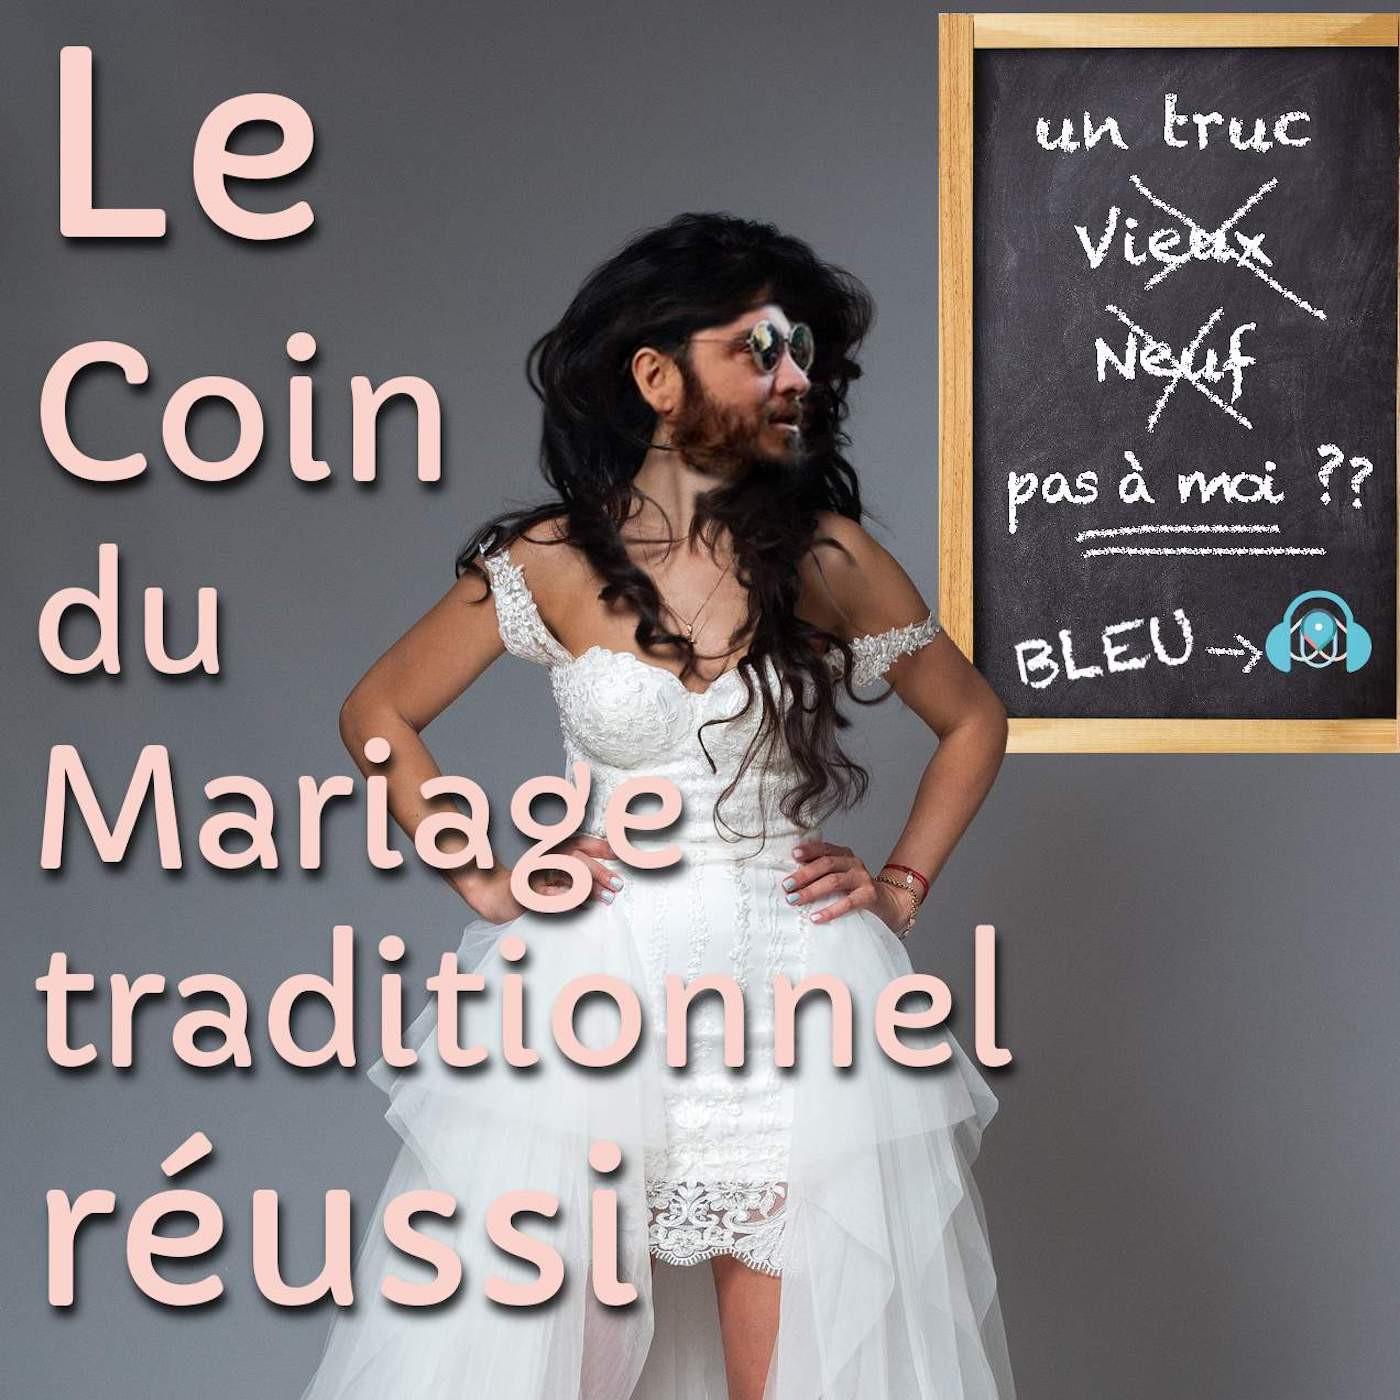 LE COIN DU MARIAGE TRADITIONNEL RÉUSSI S1E1